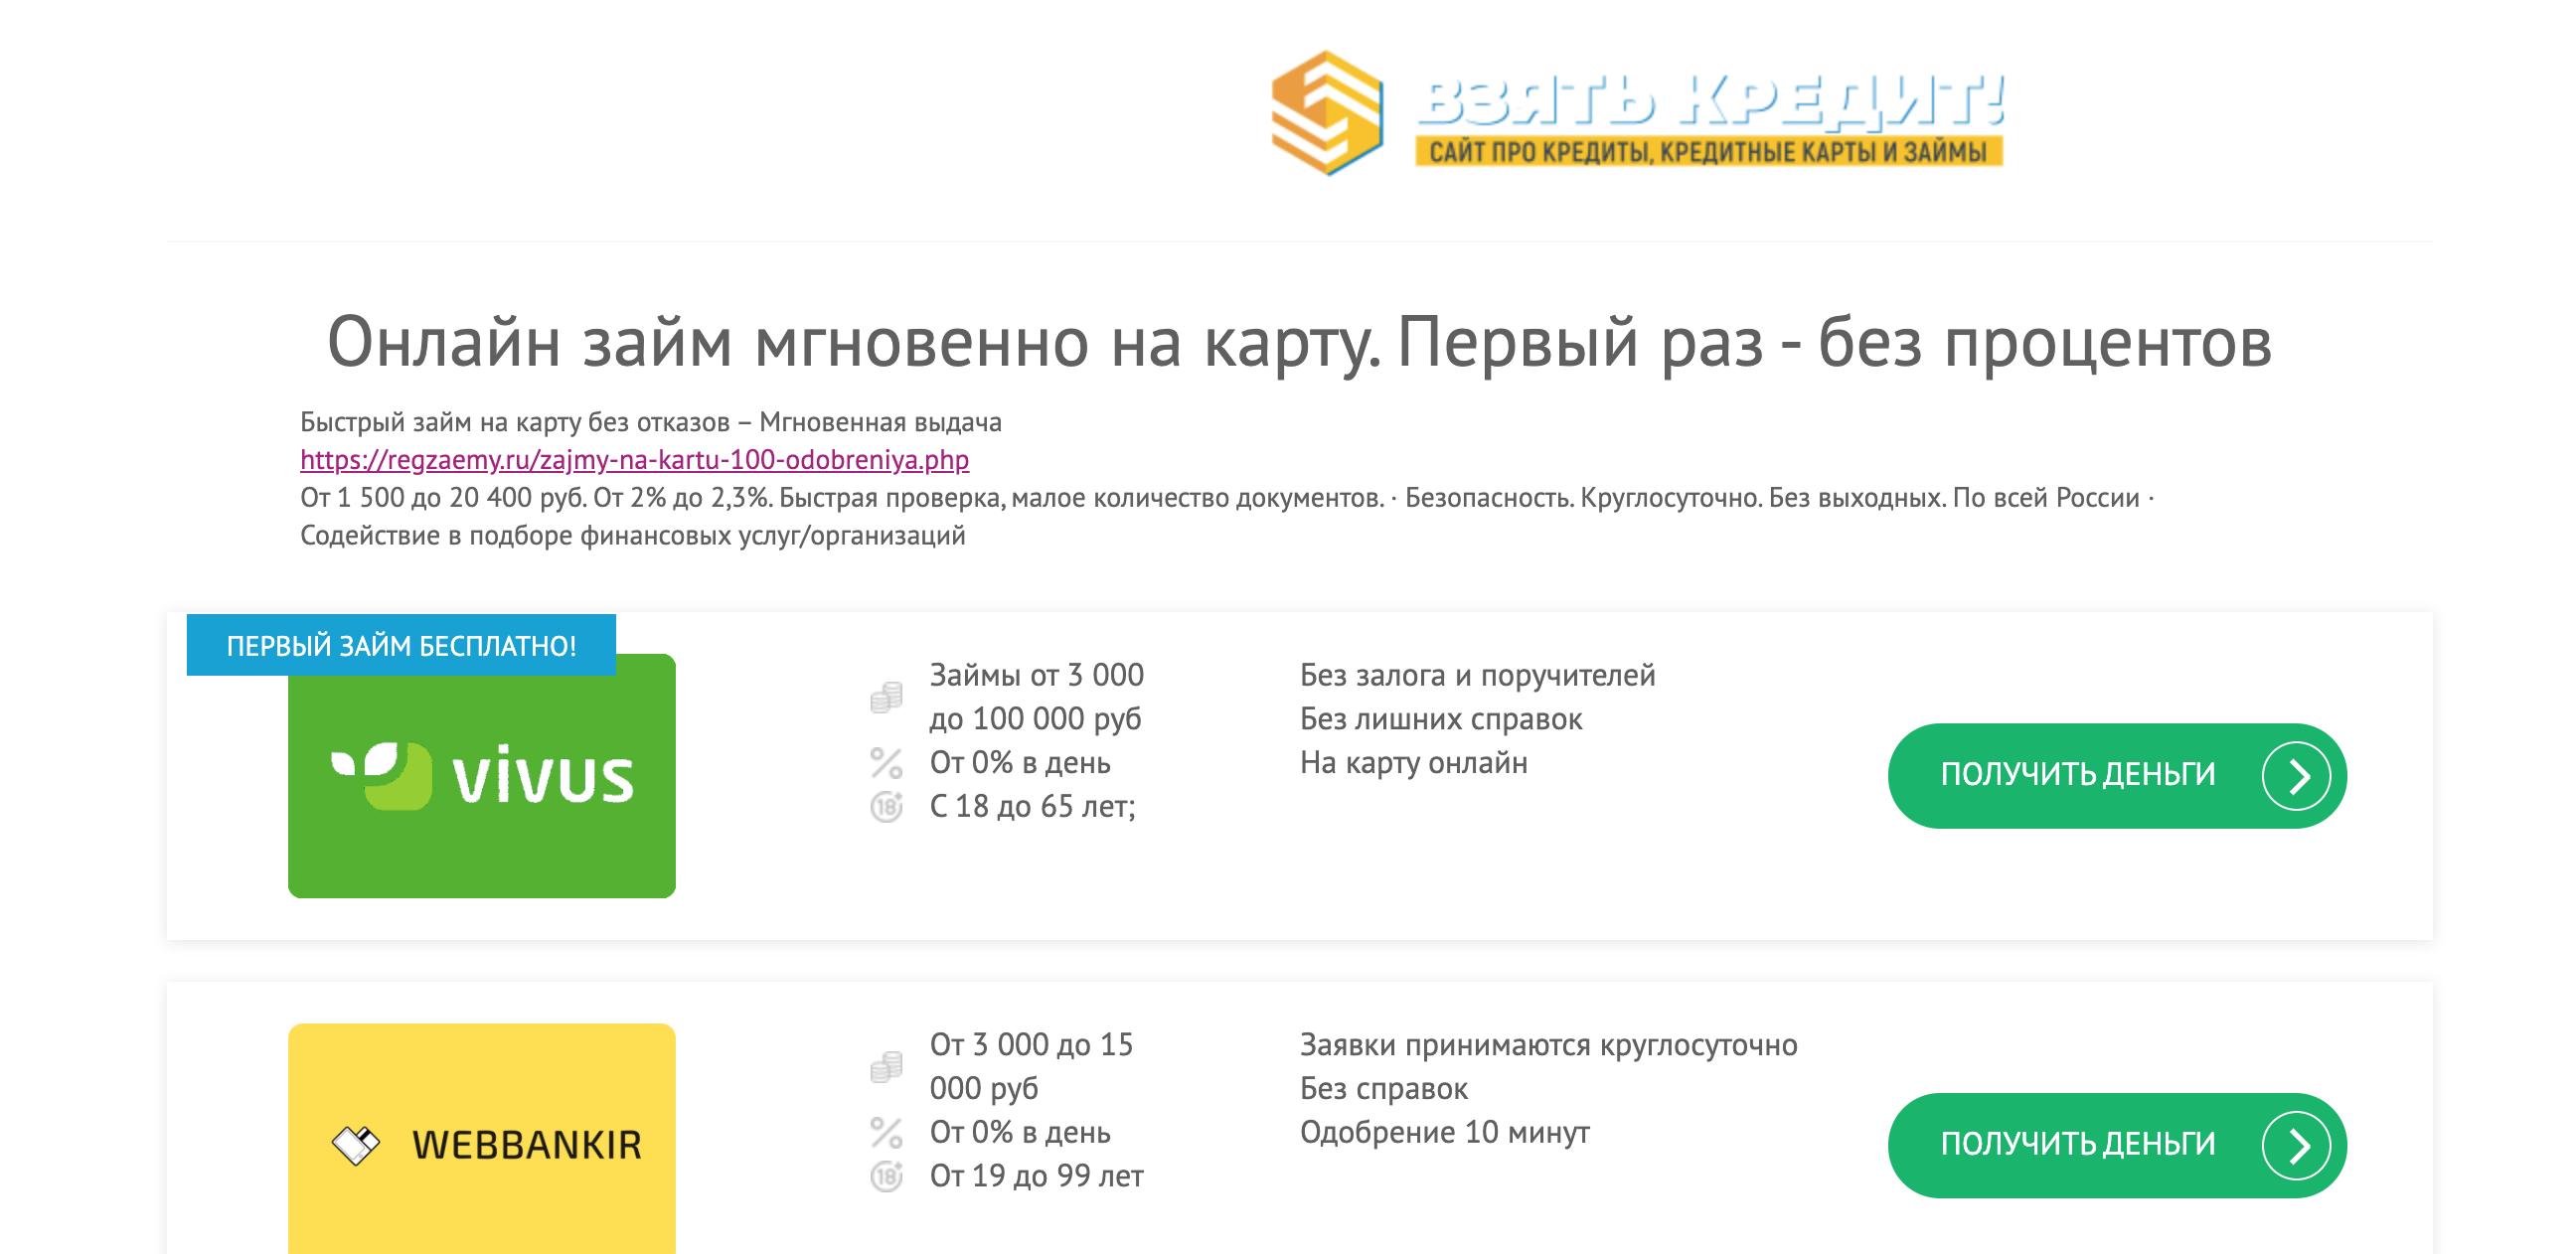 Проект Каппер СНГ каппера Мурата Атаева